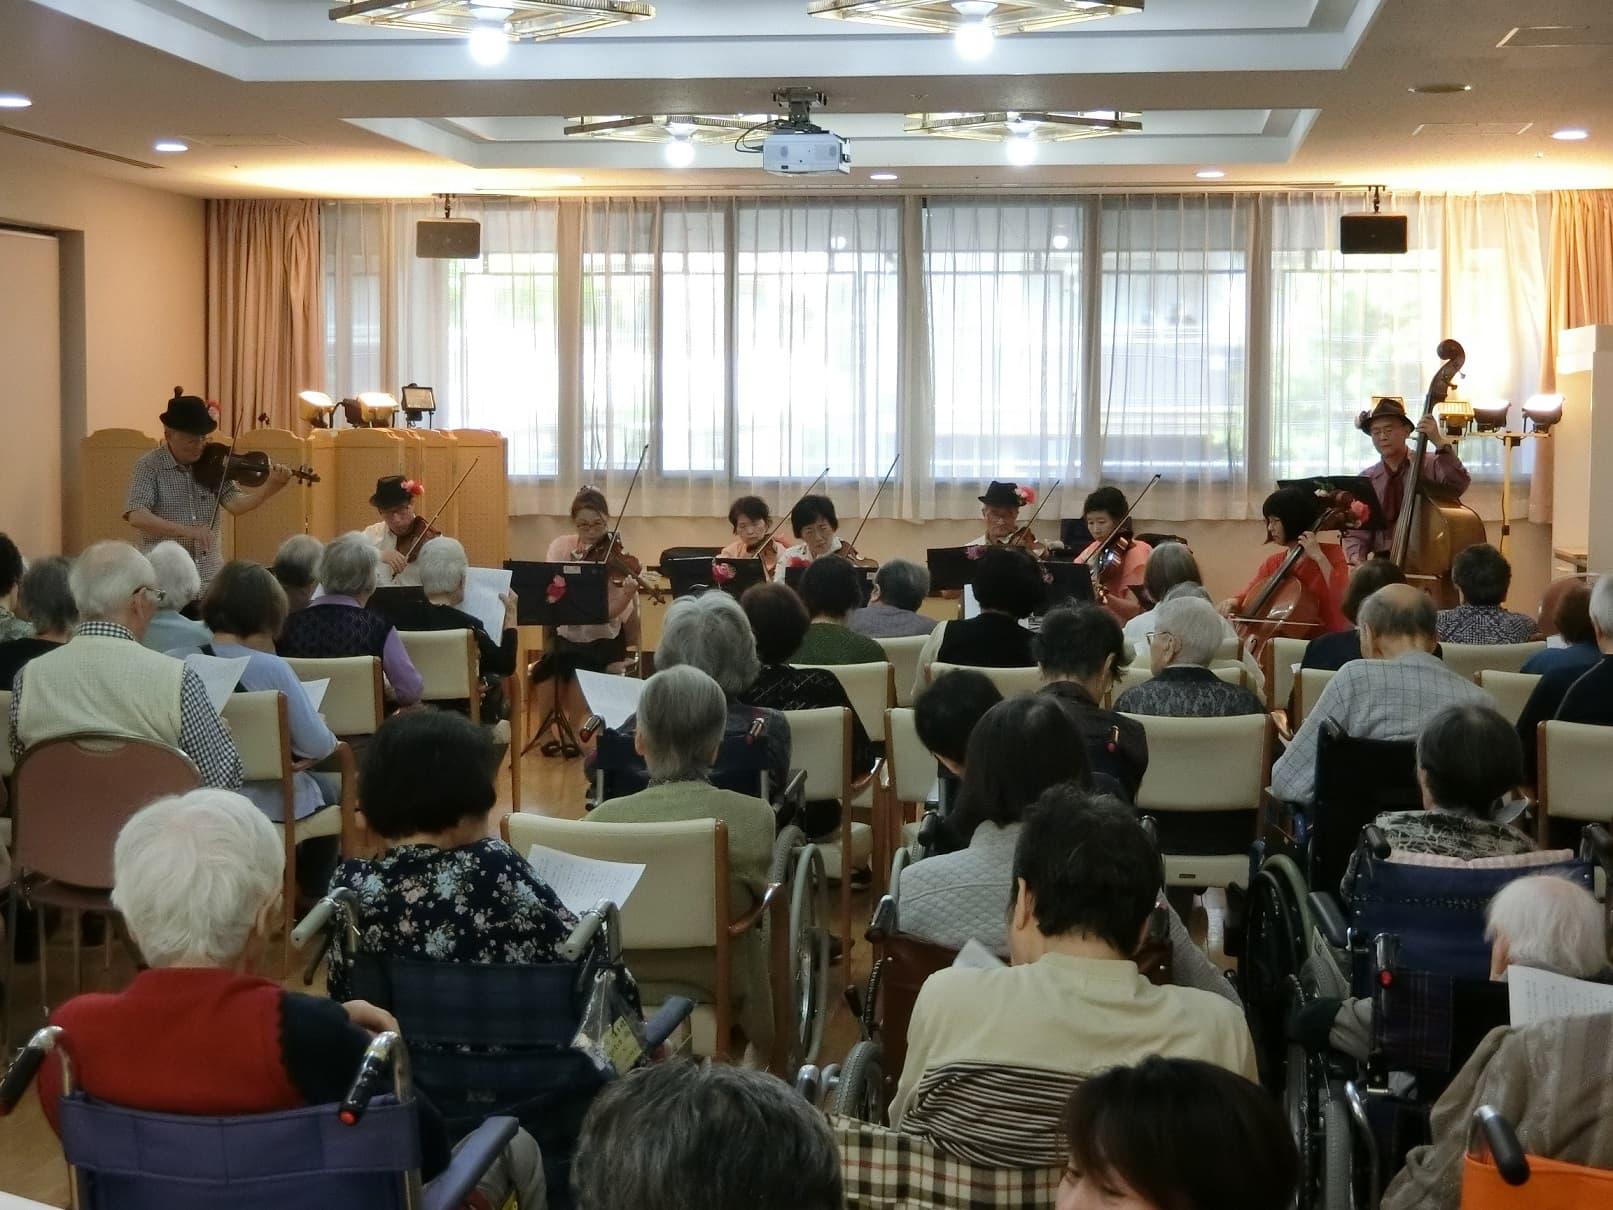 多くのご利用者の方々が会場に集まり、生演奏に感動されました。 また、楽団の伴奏に合わせて皆さんで一緒に合唱するコーナーもご用意いただき、会場は大変盛り上がりました。